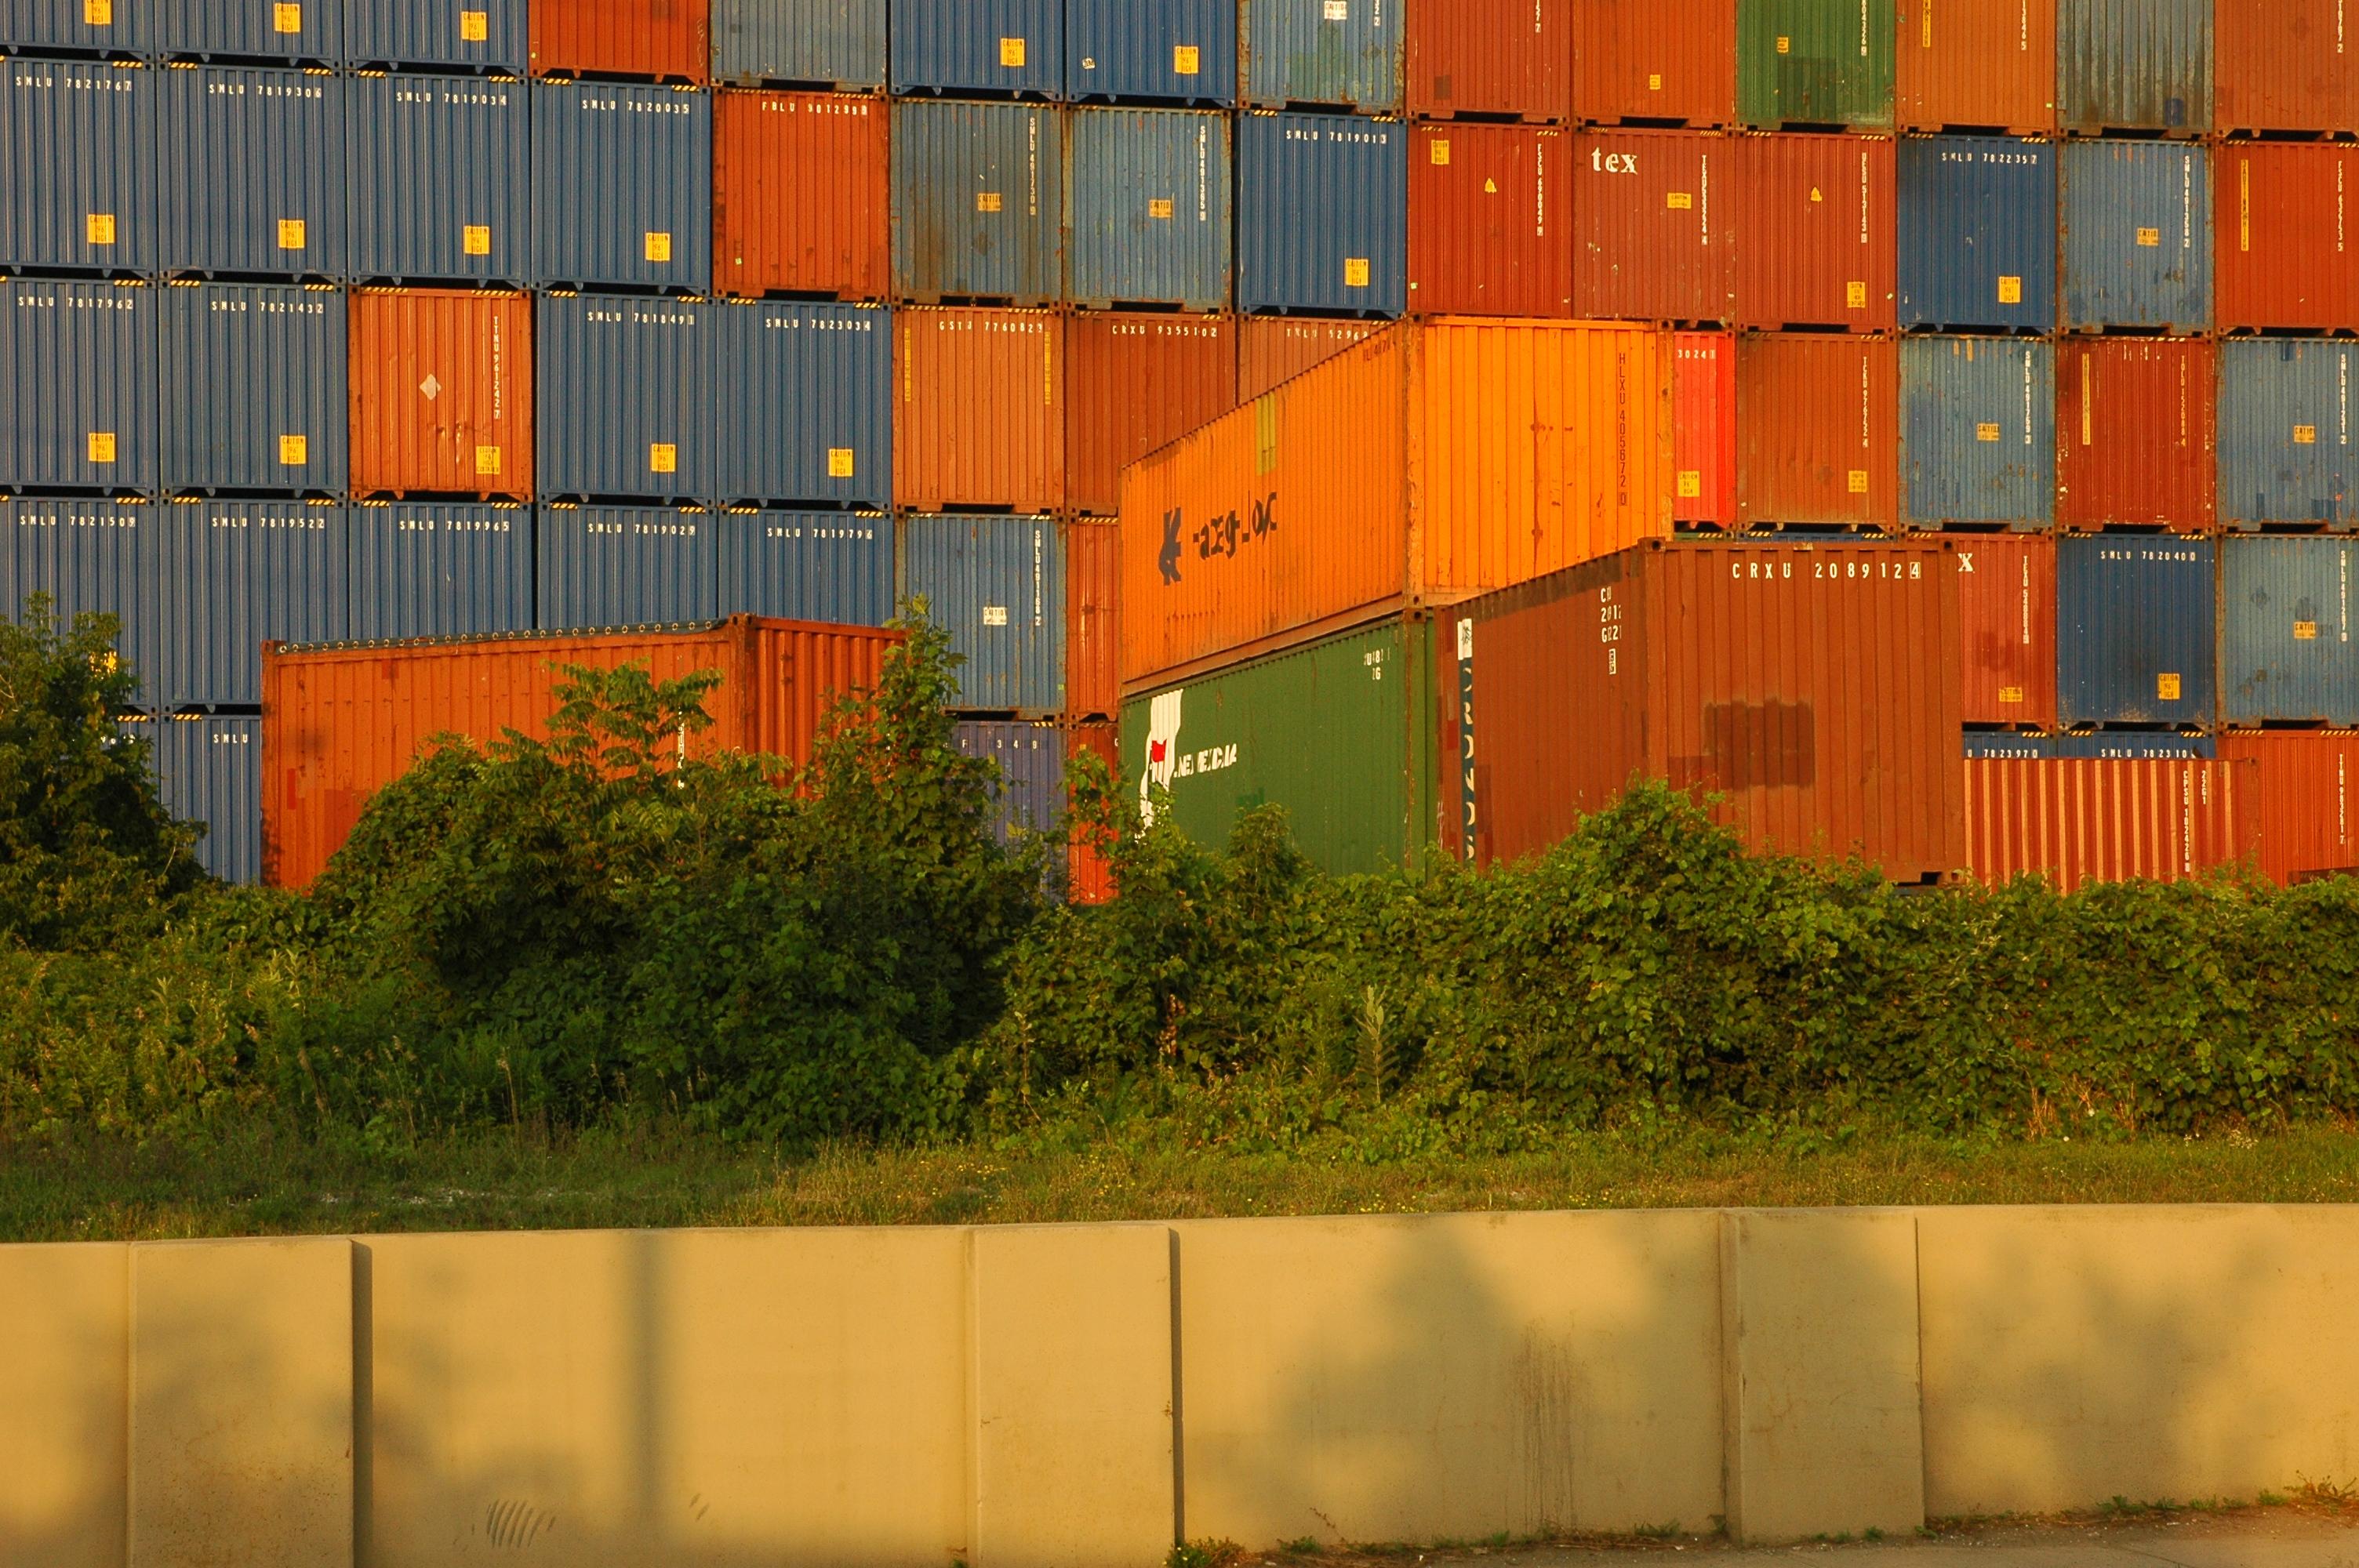 containers d'affrètement, illustration du libre-échange